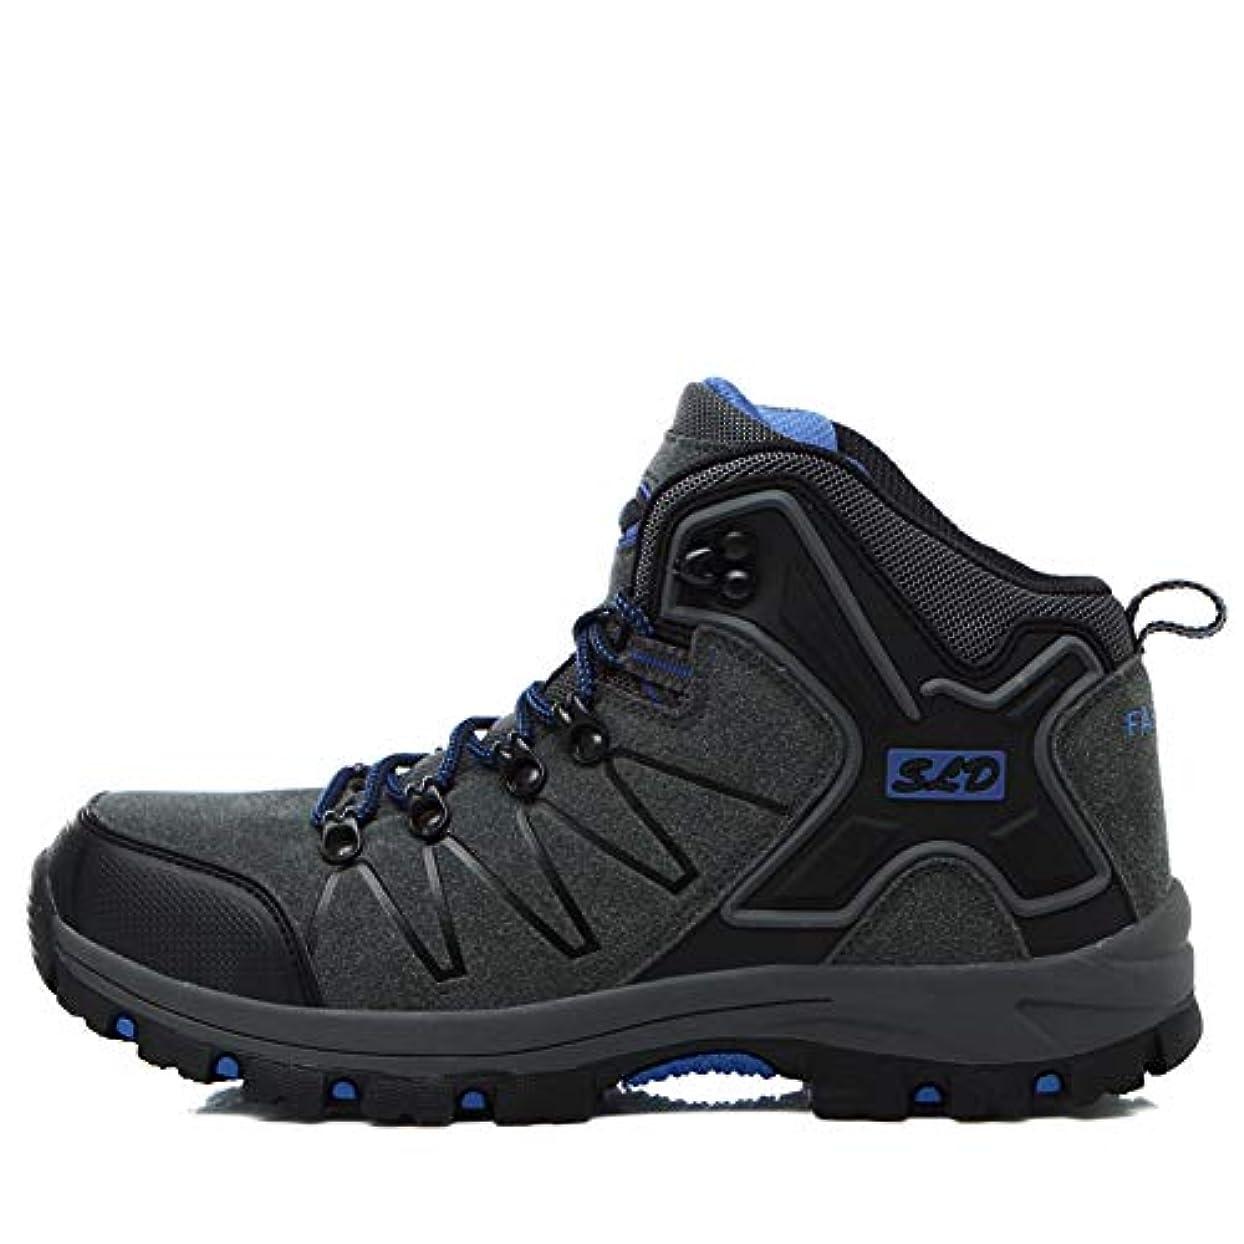 高尚なポール麻痺させる[TcIFE] トレッキングシューズ メンズ 防水 防滑 ハイカット 登山靴 大きいサイズ ハイキングシューズ メンズ 耐磨耗 ハイキングシューズ メンズ 通気性 スニーカー